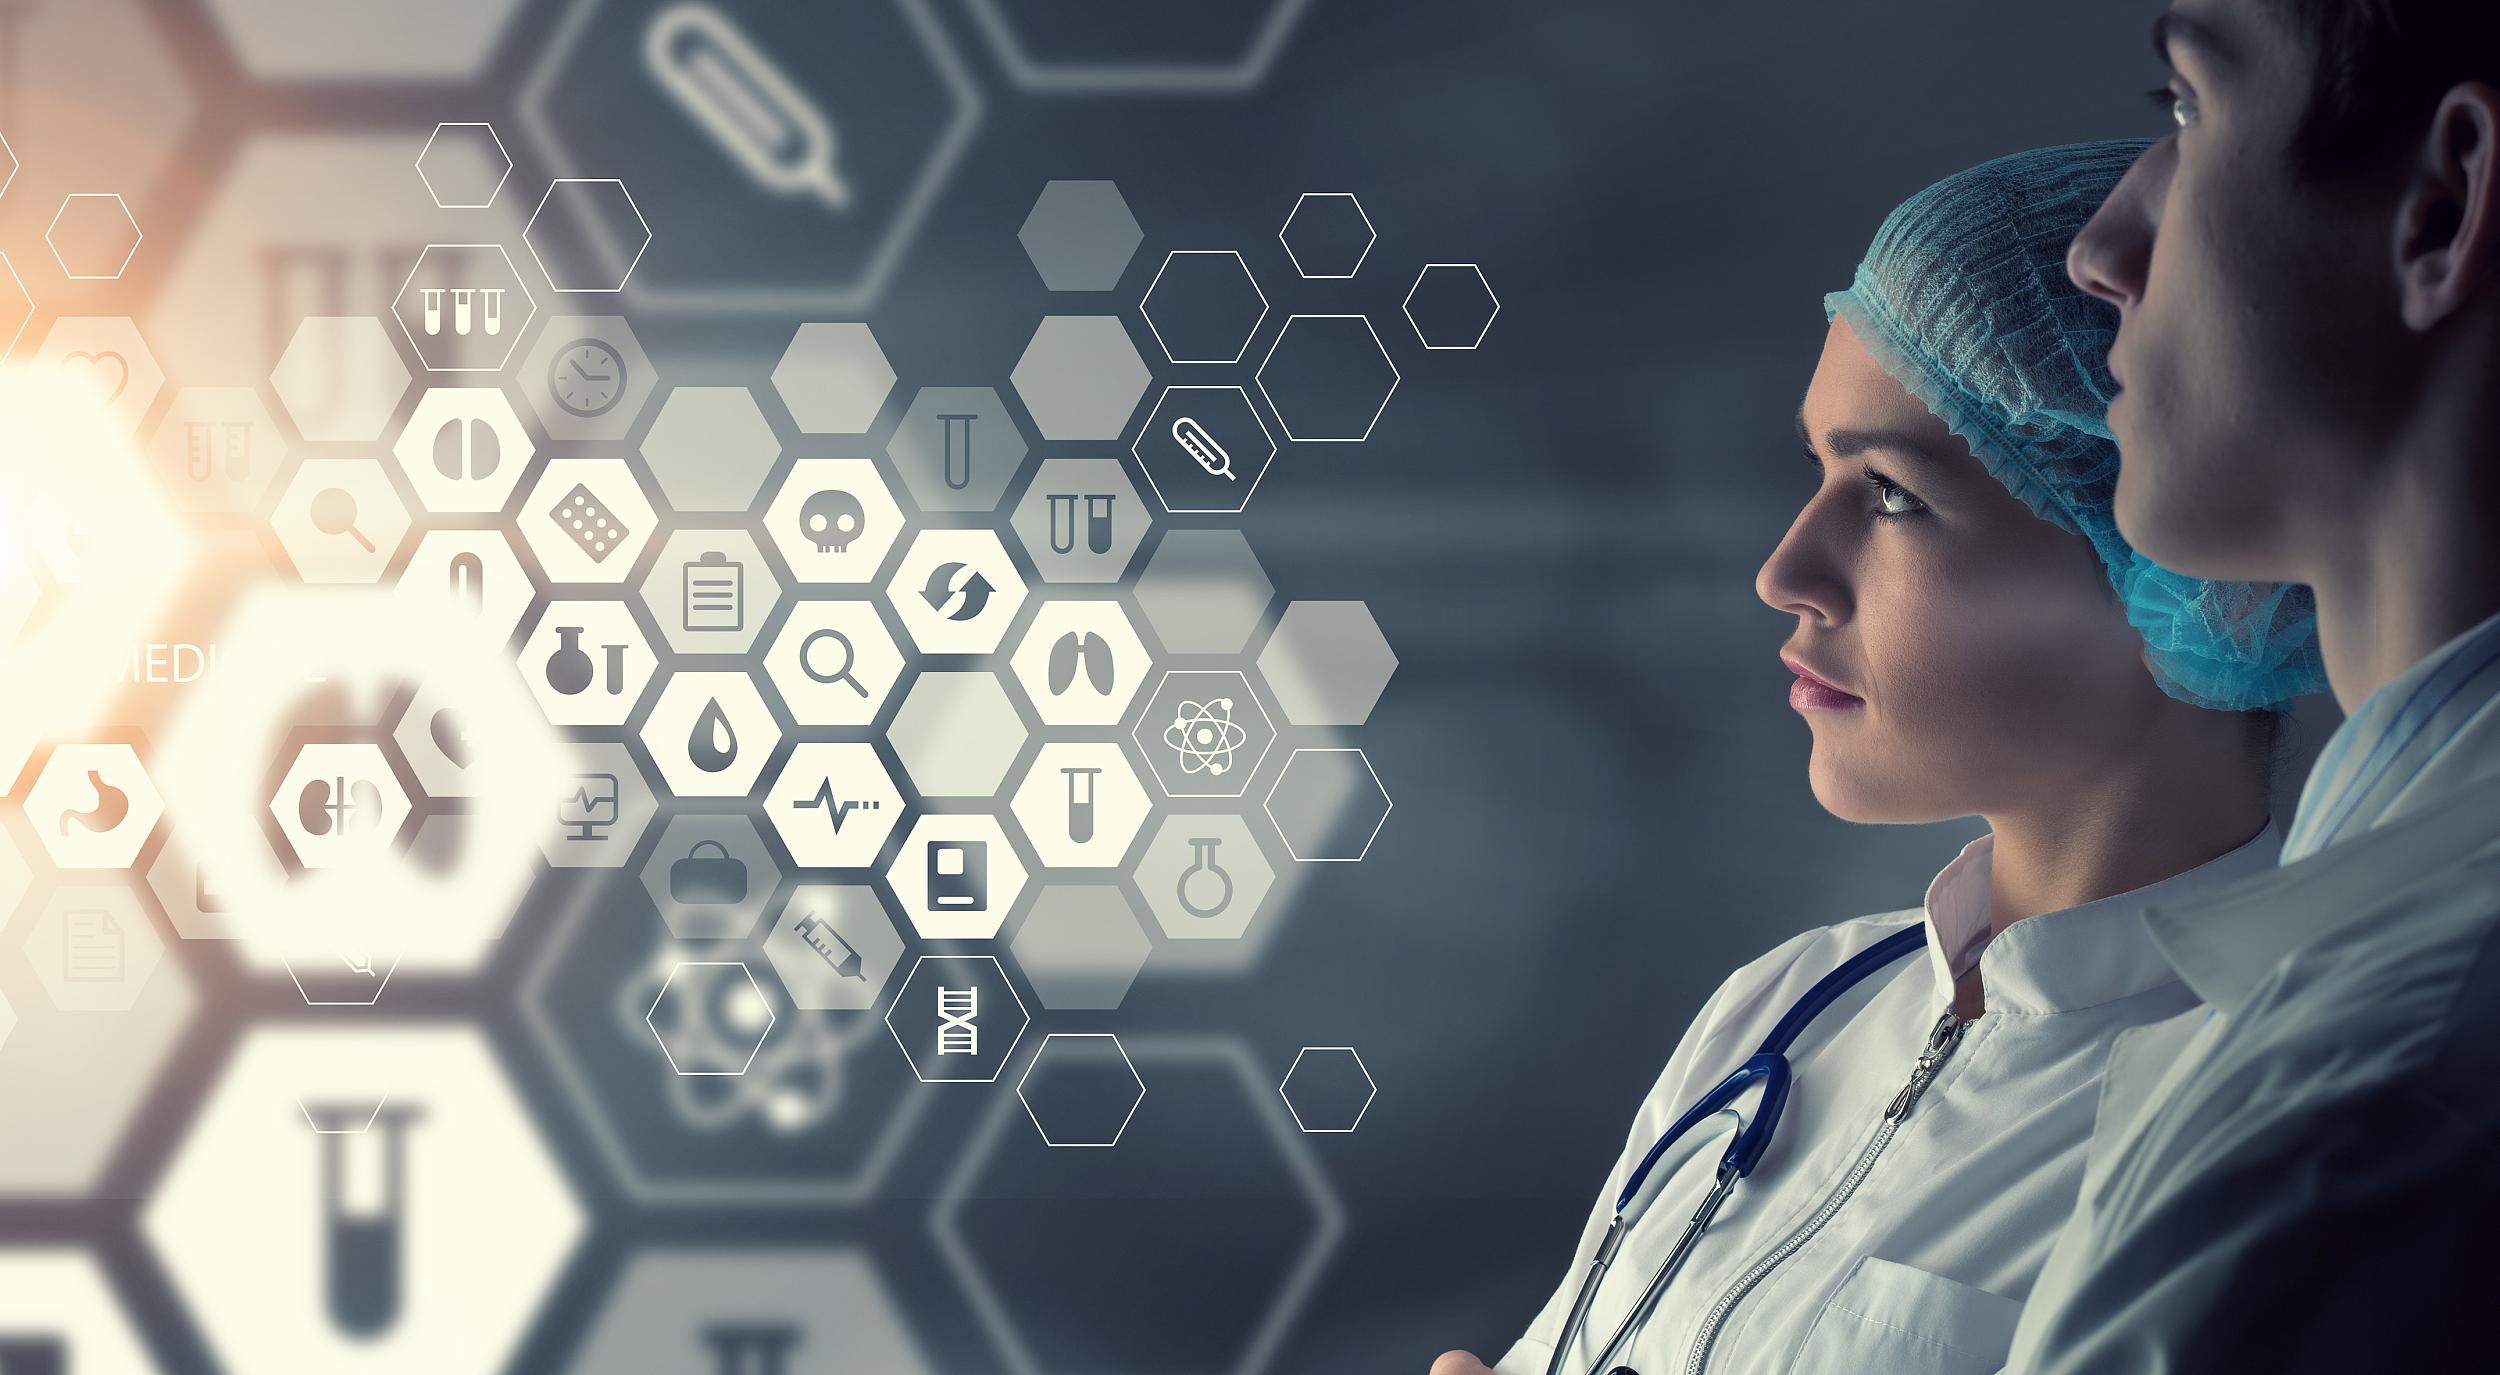 医药 尚无产品在售,慢病领域研发企业派格生物申请科创板上市